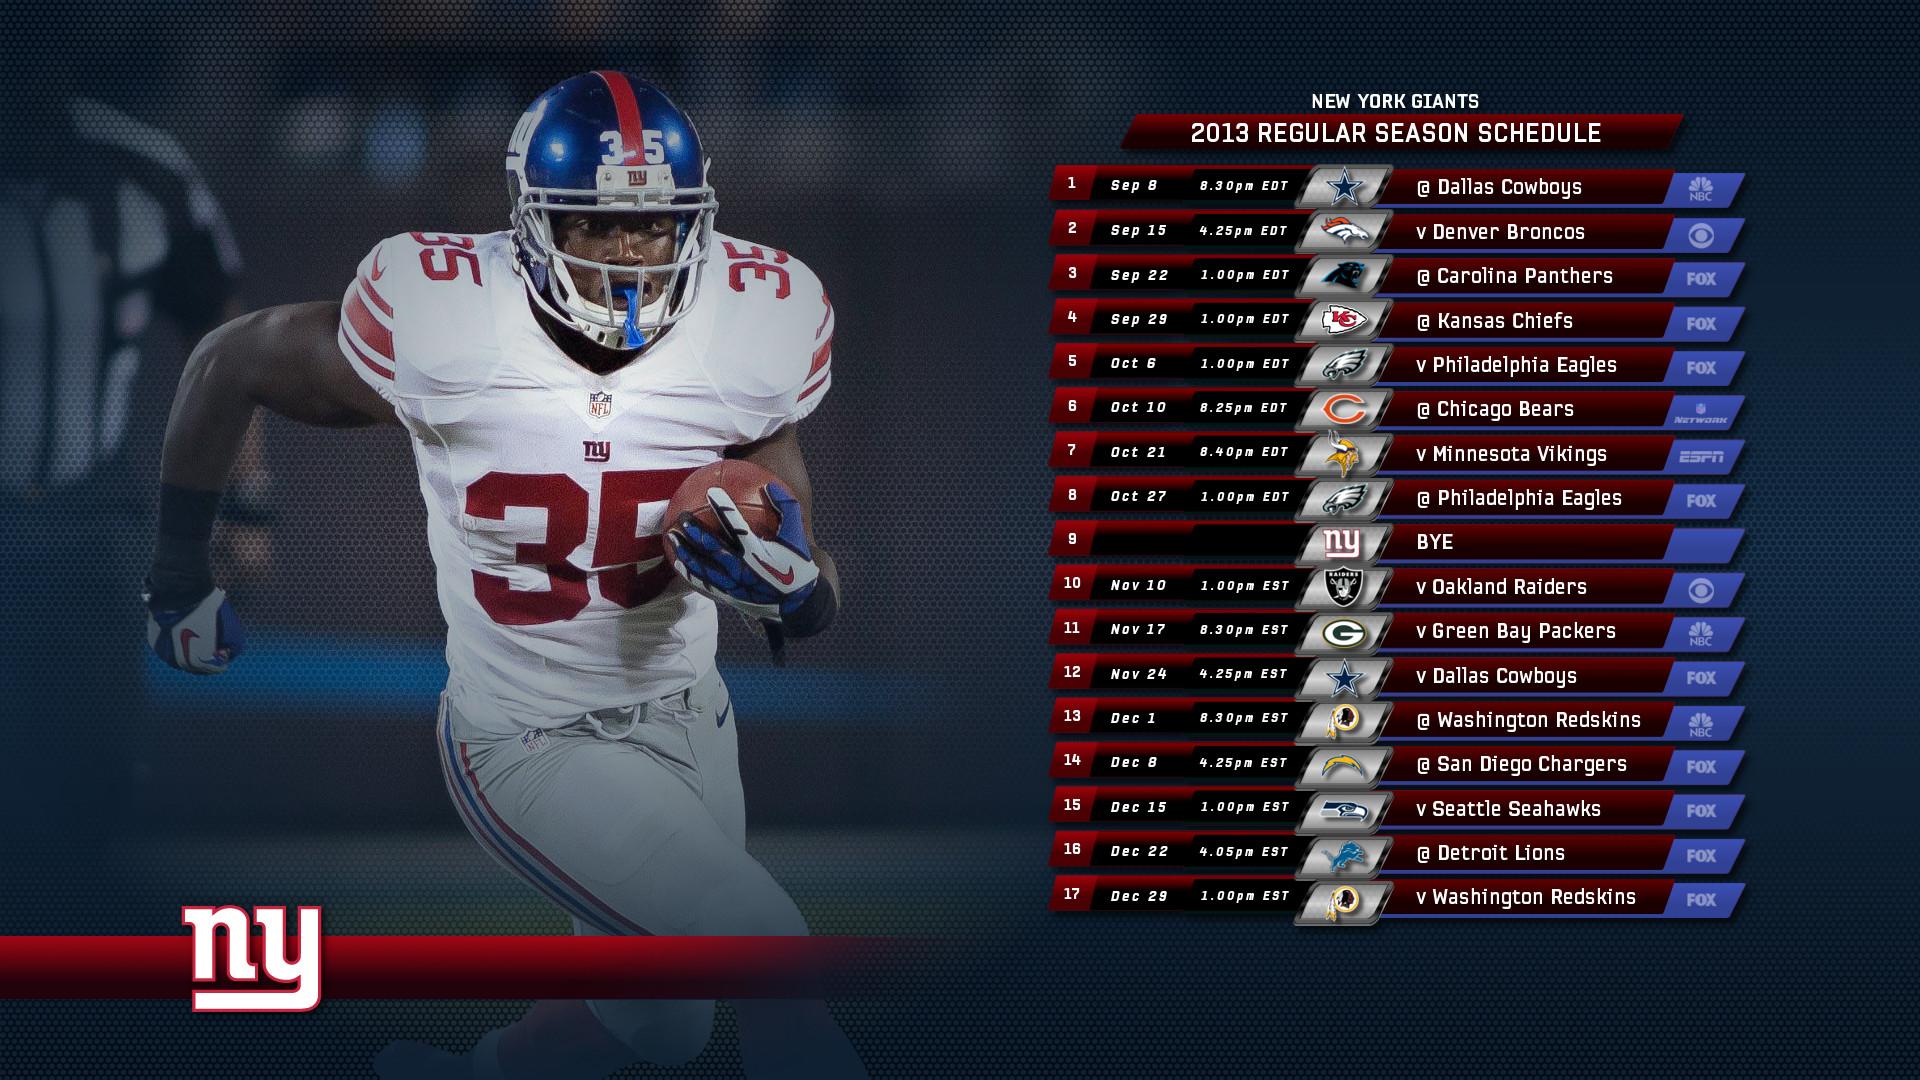 2013 Giants Schedule Wallpapers